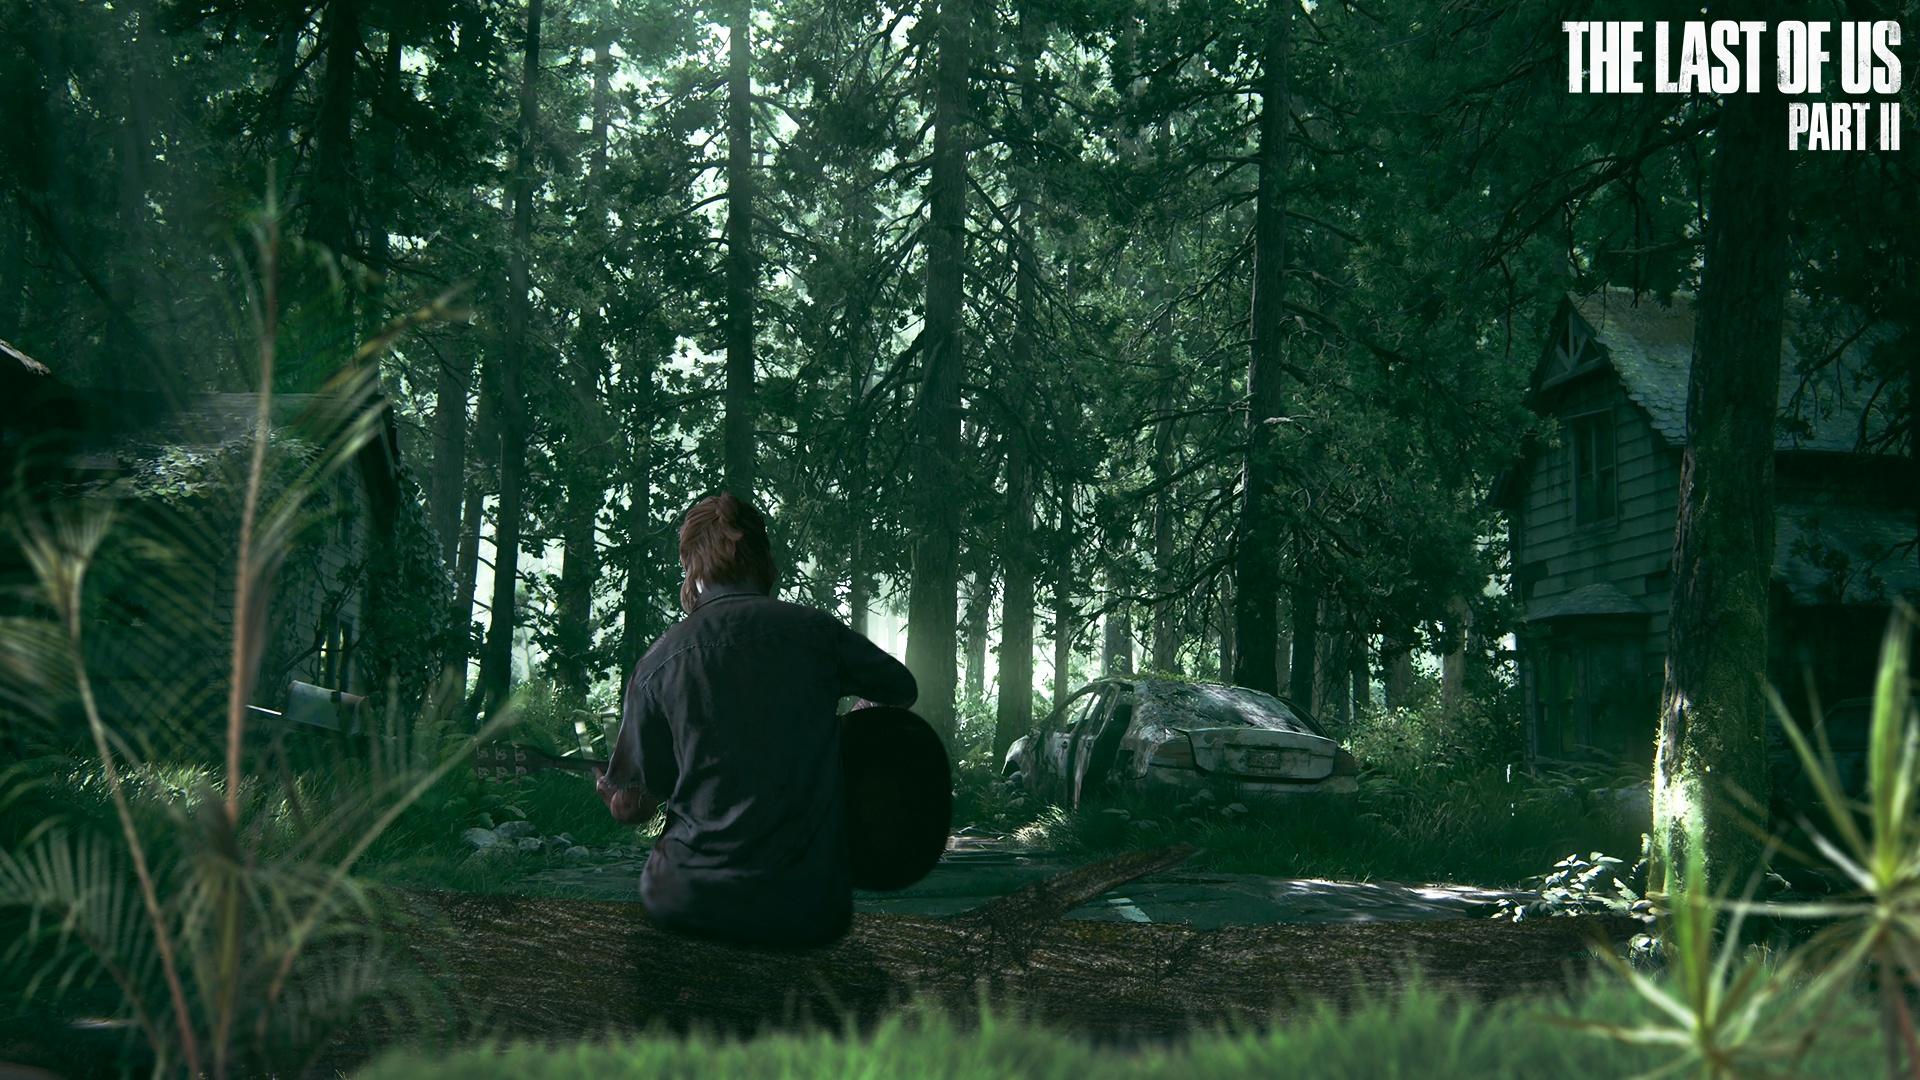 210 The Last Of Us Papéis De Parede Hd: The Last Of Us Part II Papel De Parede HD